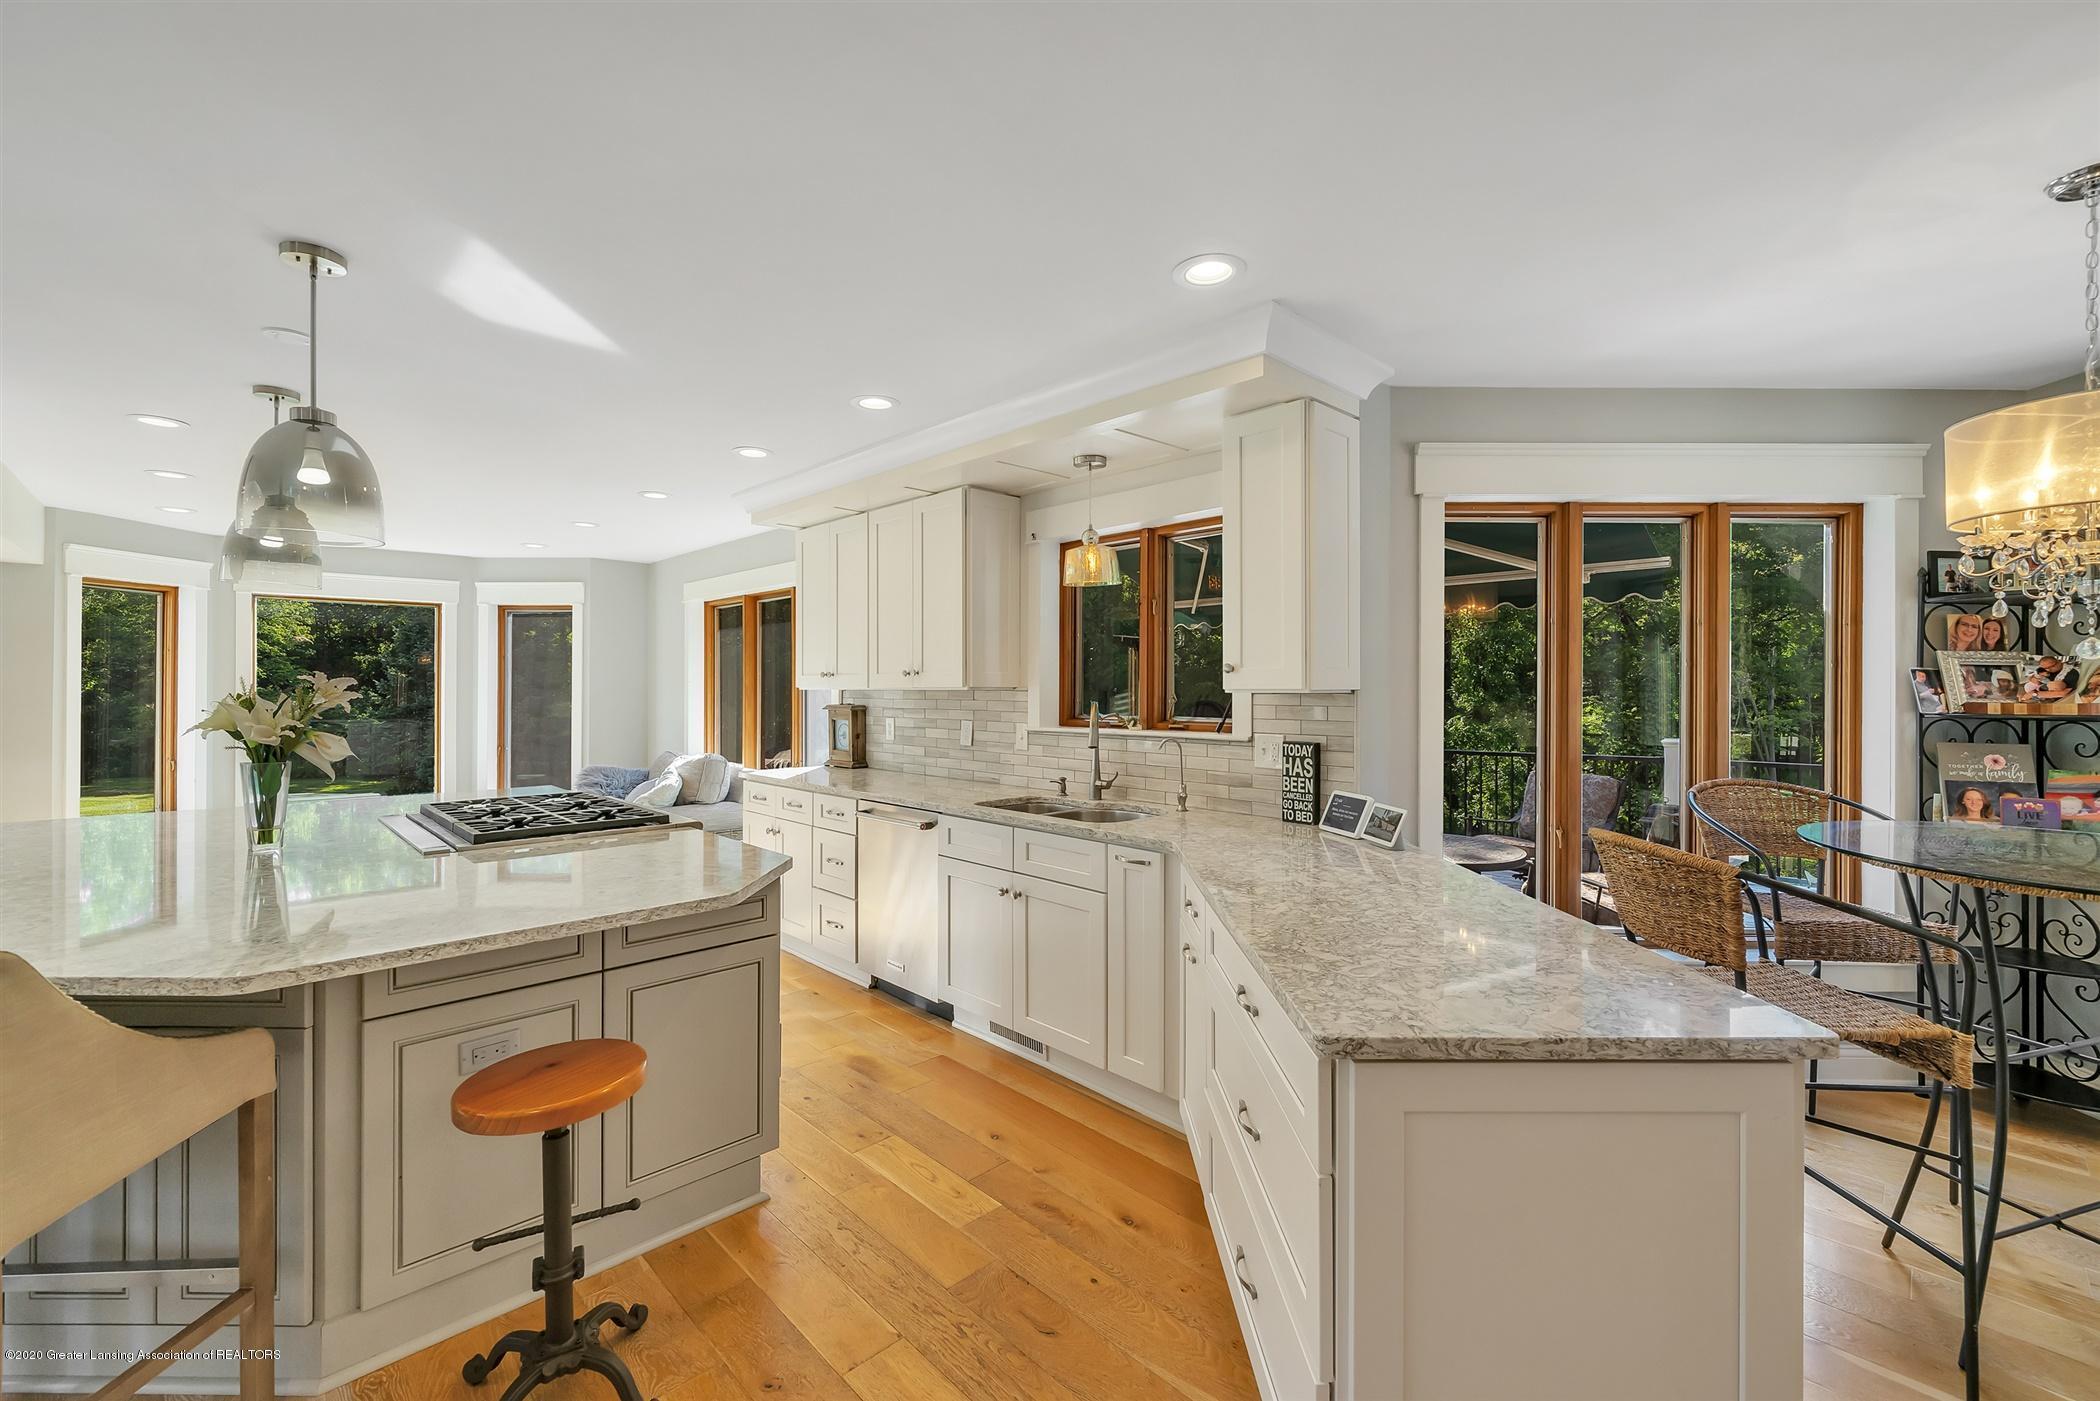 2275 Bravender Rd - MAIN FLOOR Kitchen - 16